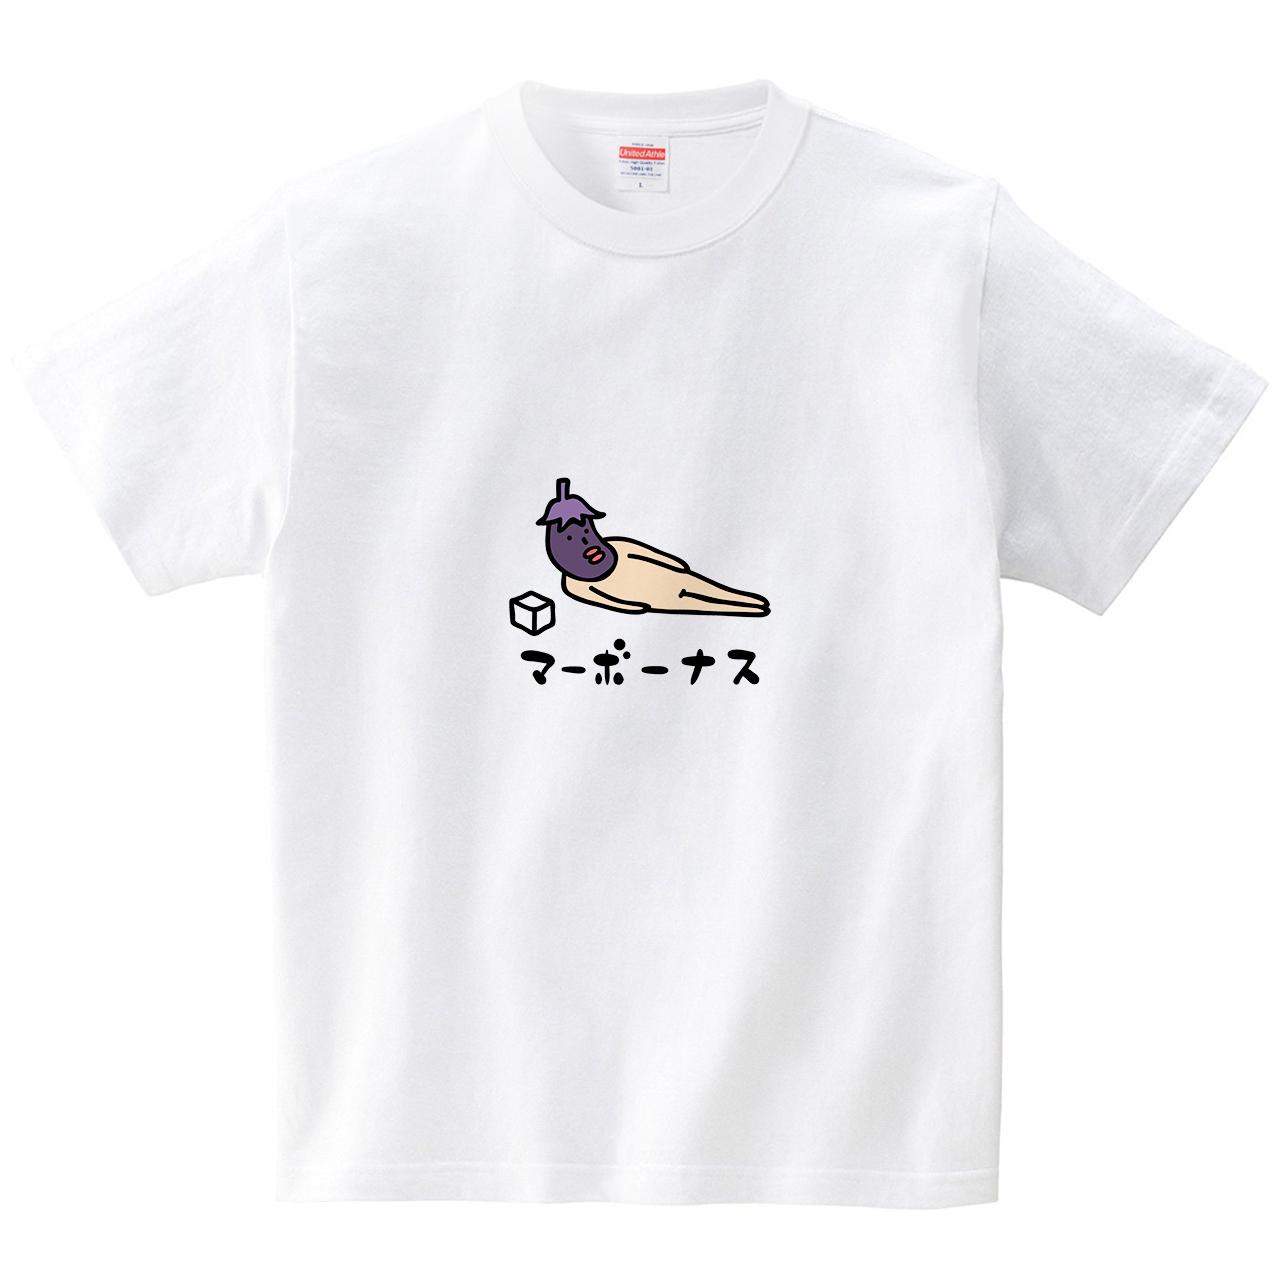 マーボーナス(Tシャツ・ホワイト)(オワリ)